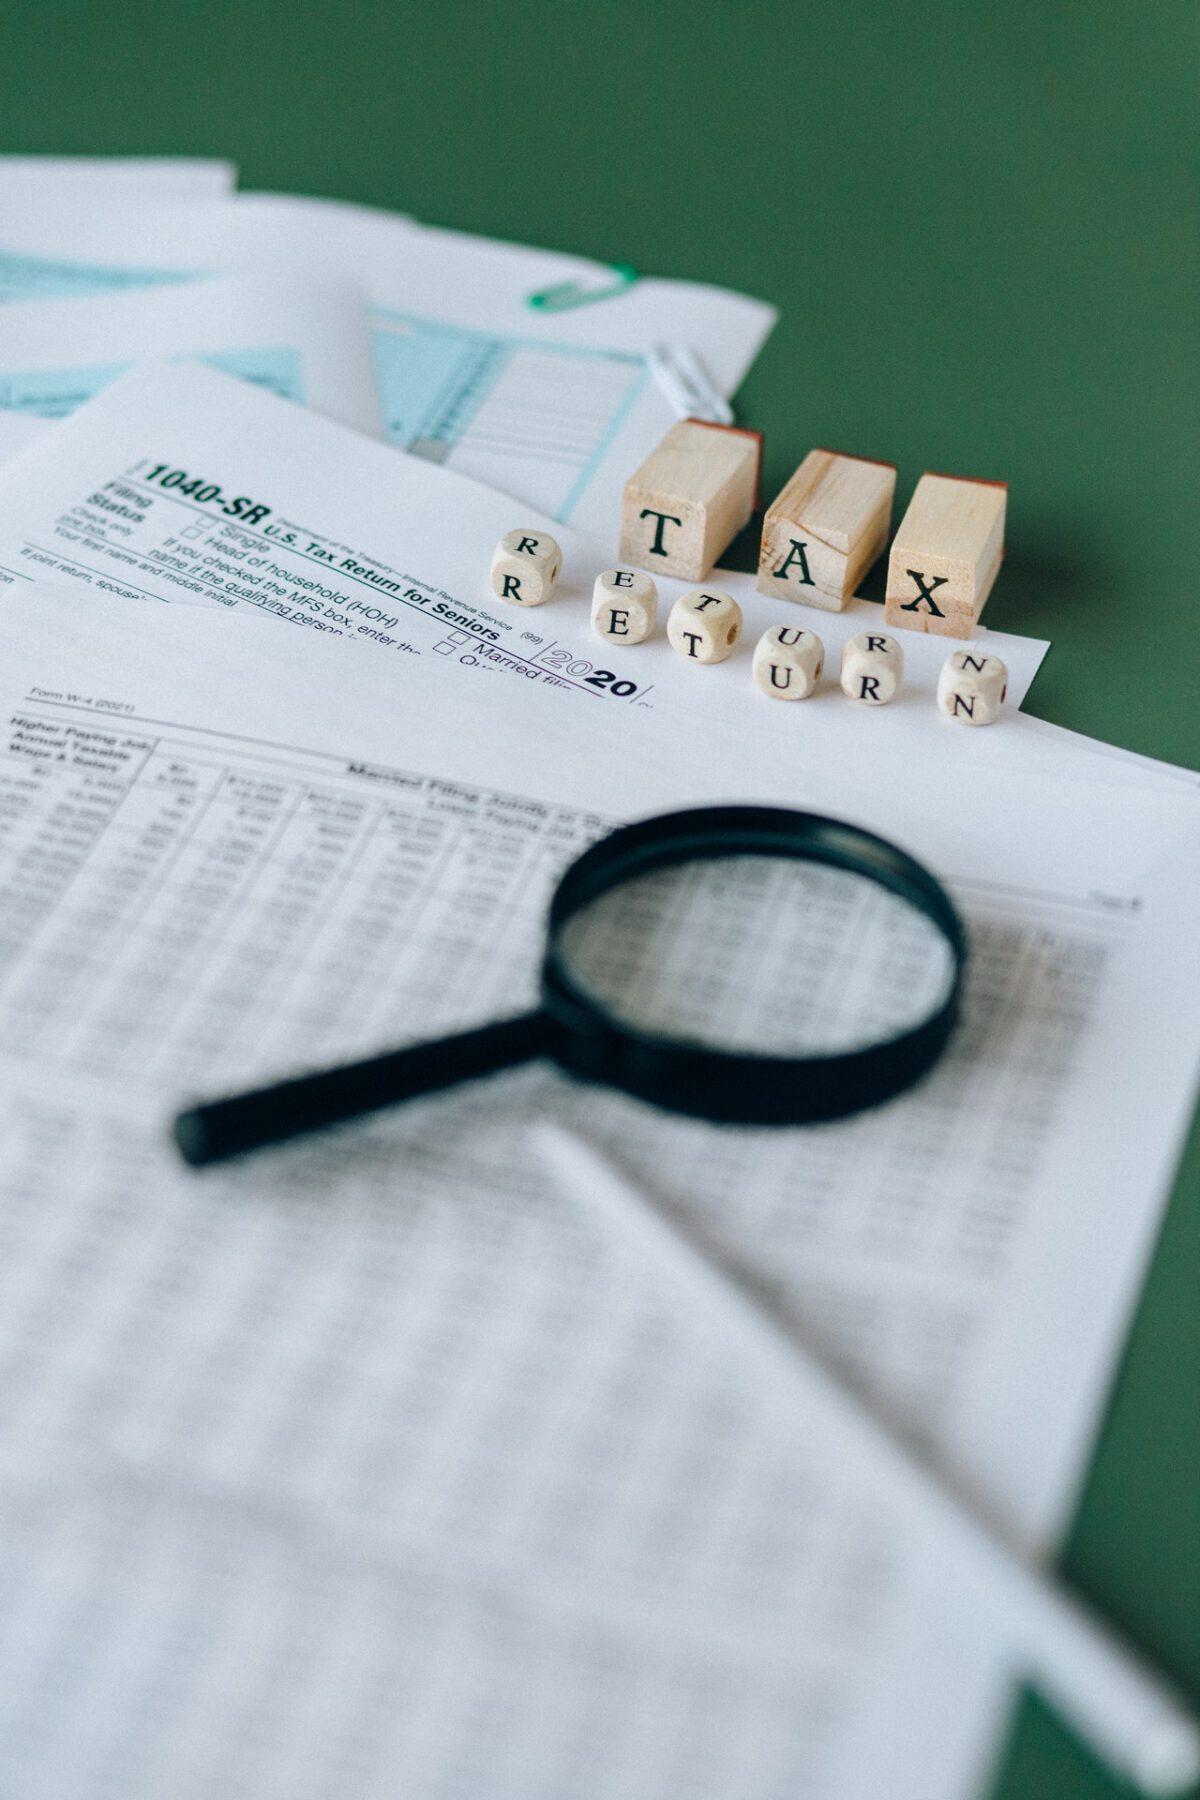 Przeniesienie praw autorskich do projektów a rozliczenia podatkowe